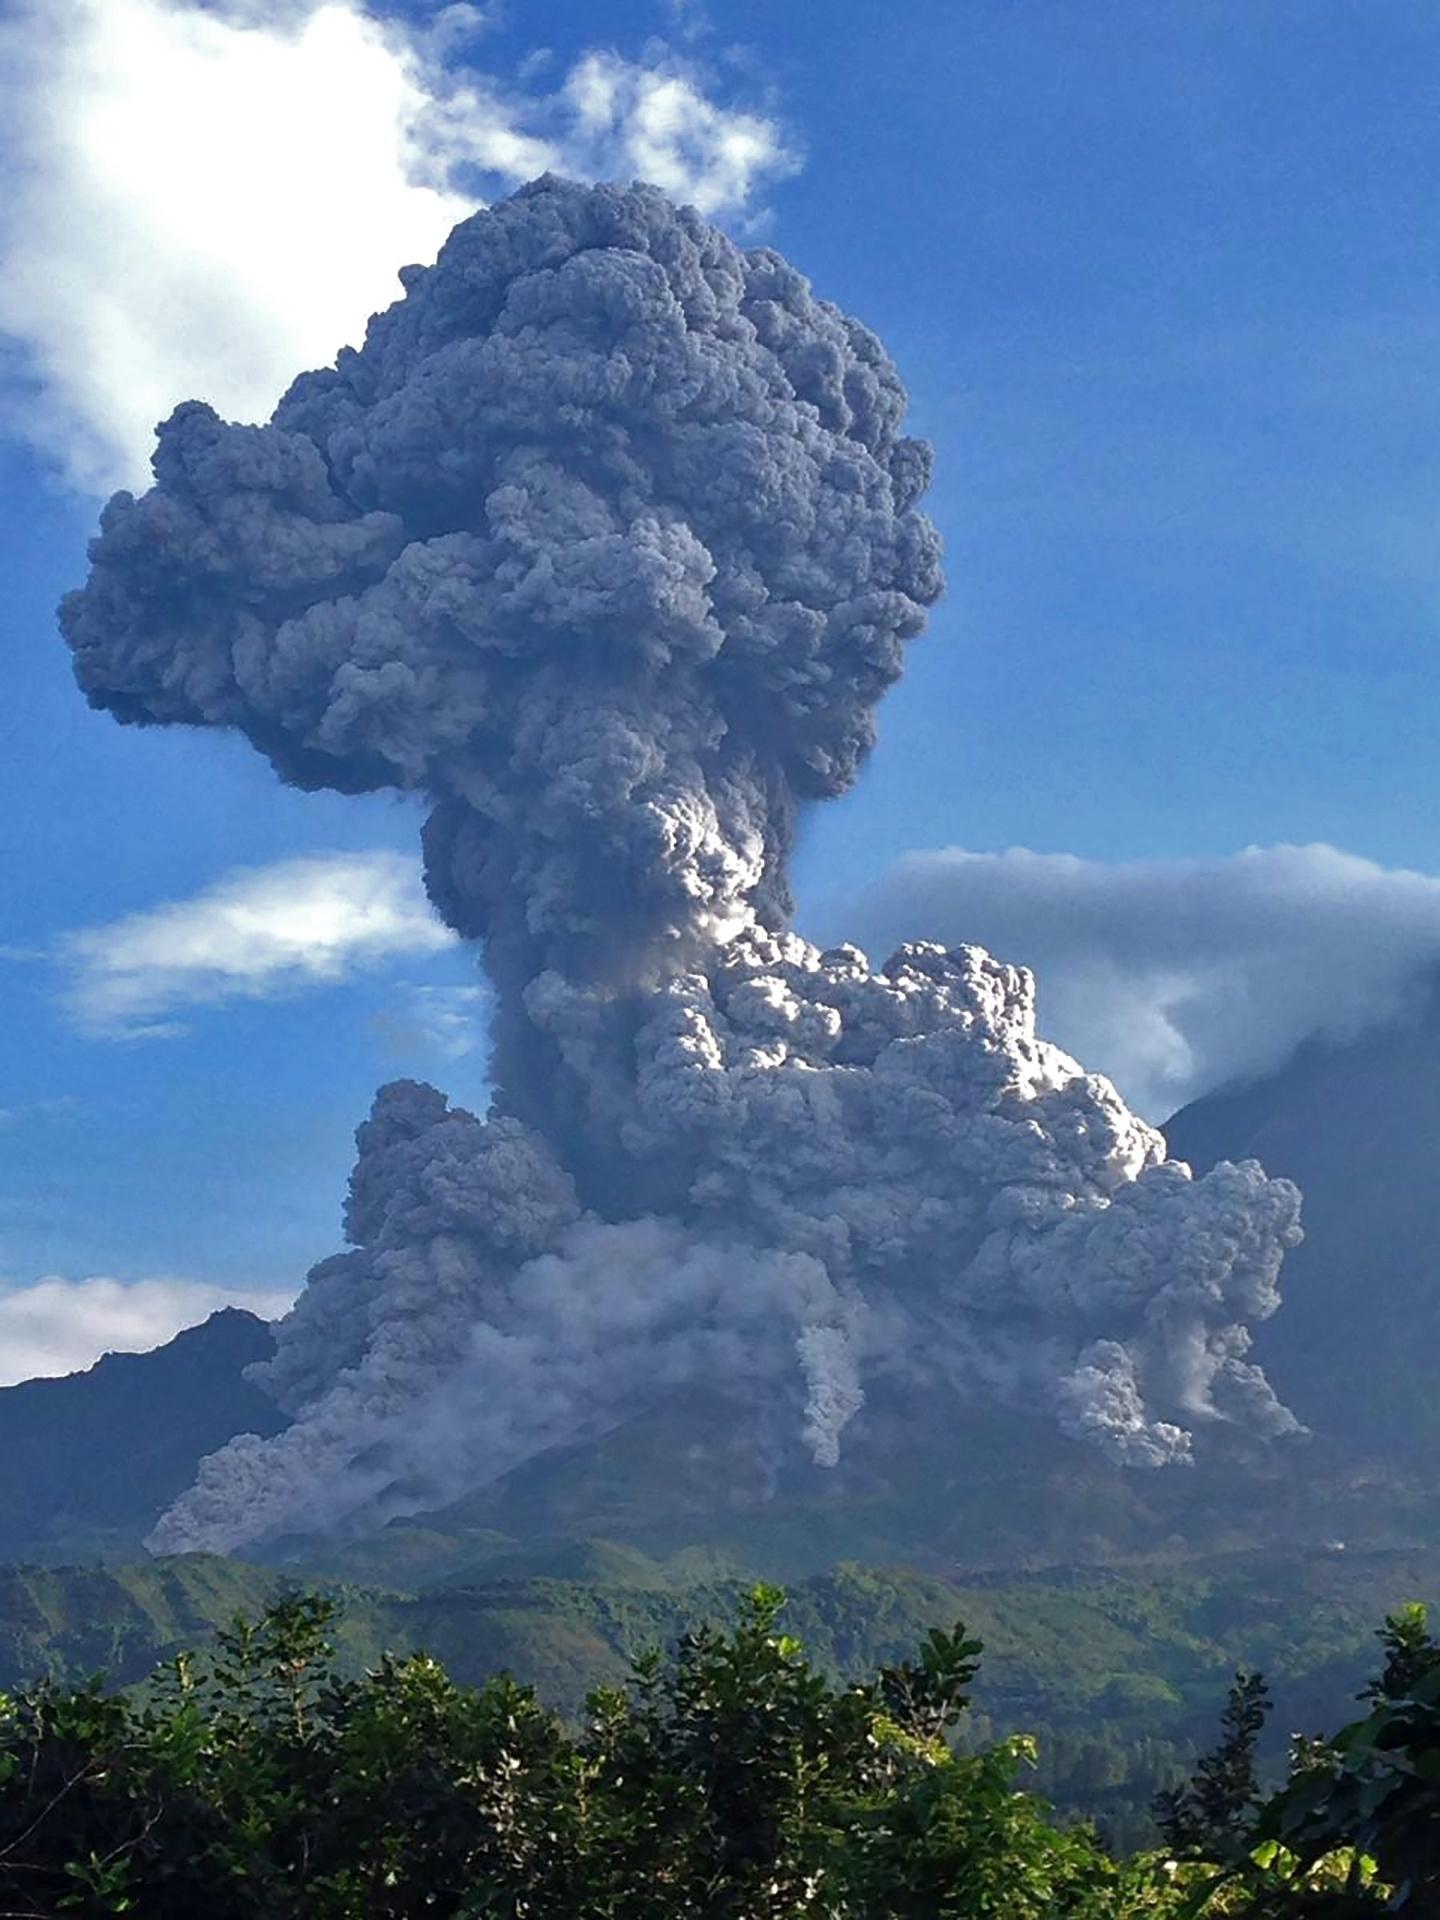 18.ago.2016 - Foto divulgada por um órgão do governo da Guatemala no último dia 16 de agosto mostra cinzas expelidas pelo vulcão Santiaguito. O vulcão ativo está em erupção na região de Quetzaltenango, no oeste da Guatemala